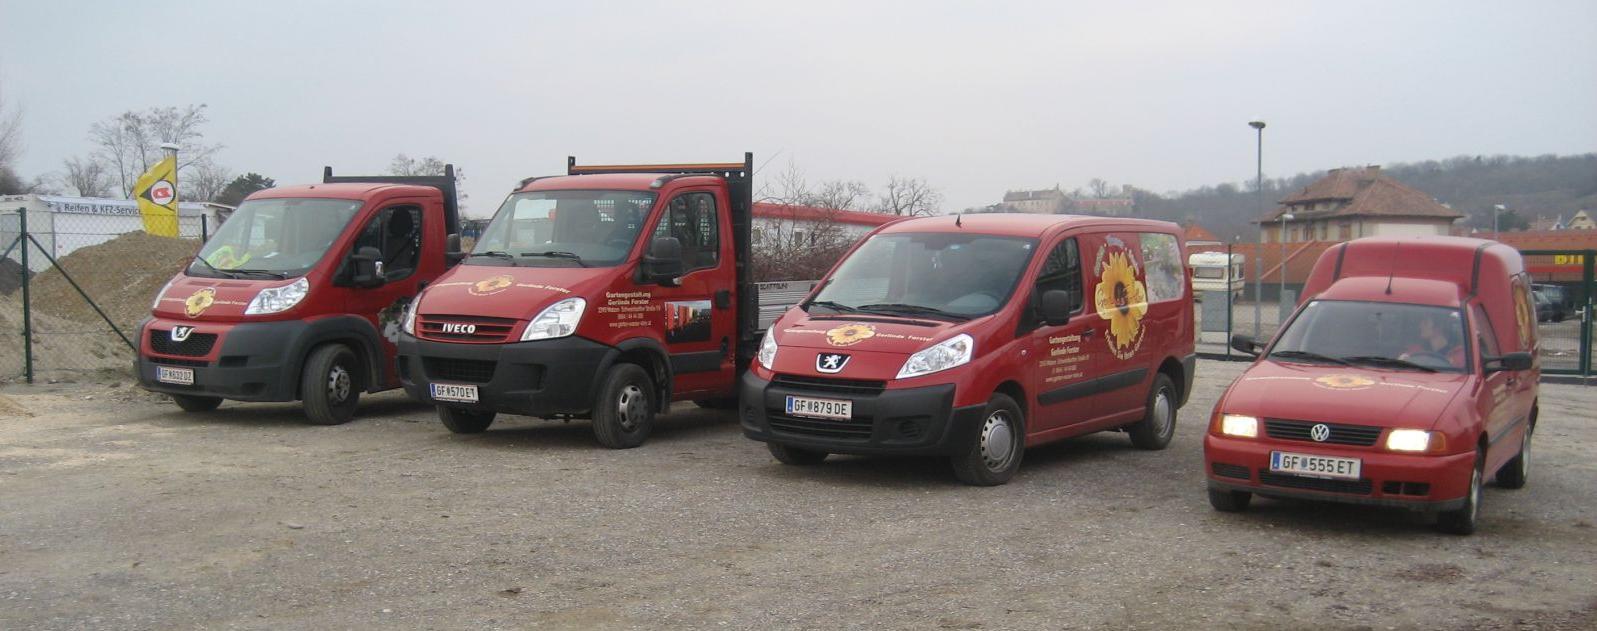 Fahrzeuge bereit für den Einsatz